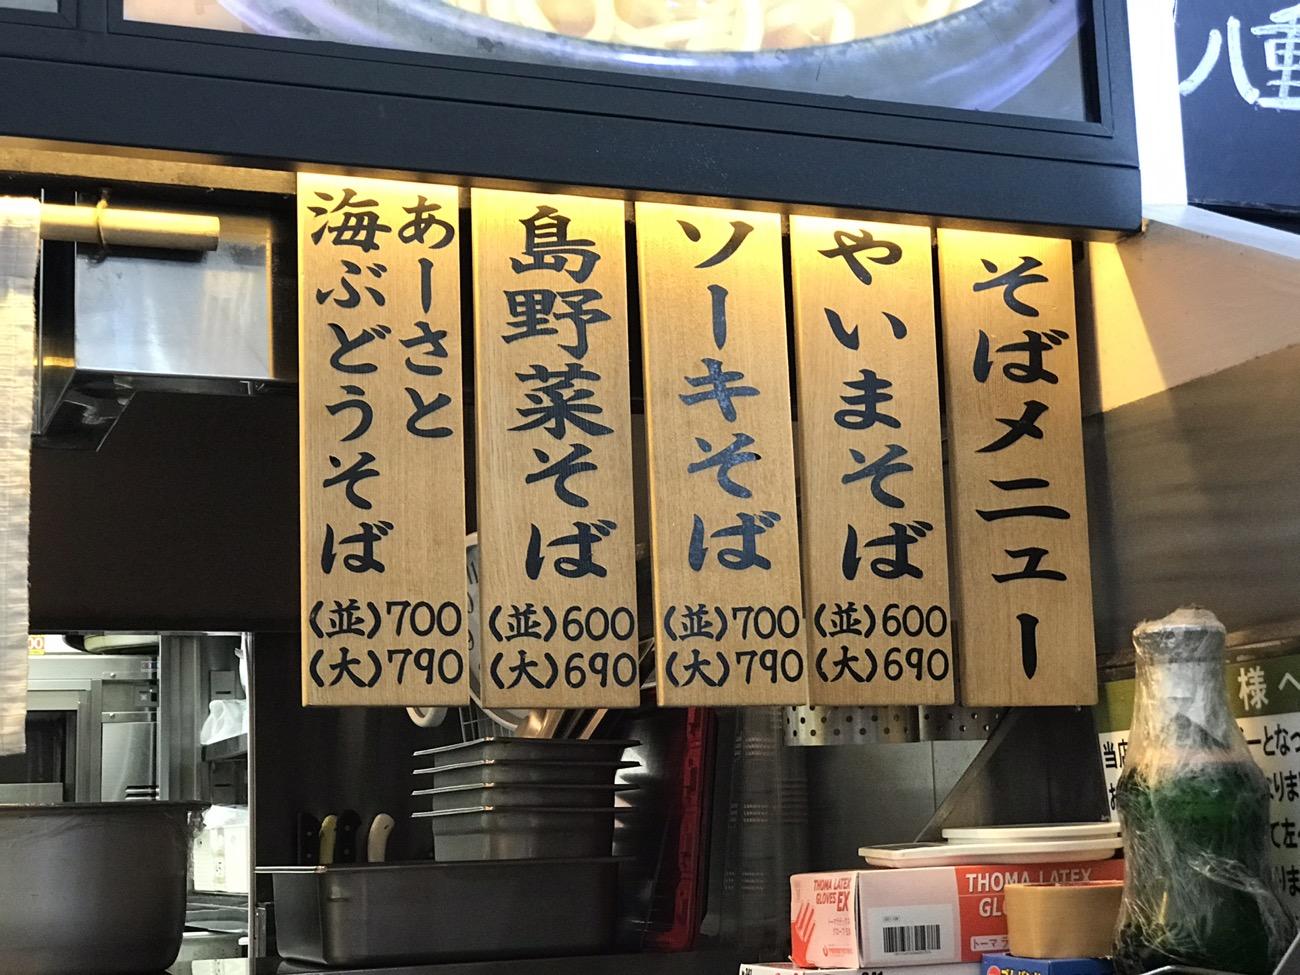 石垣島空港レストラン やいま村メニュー